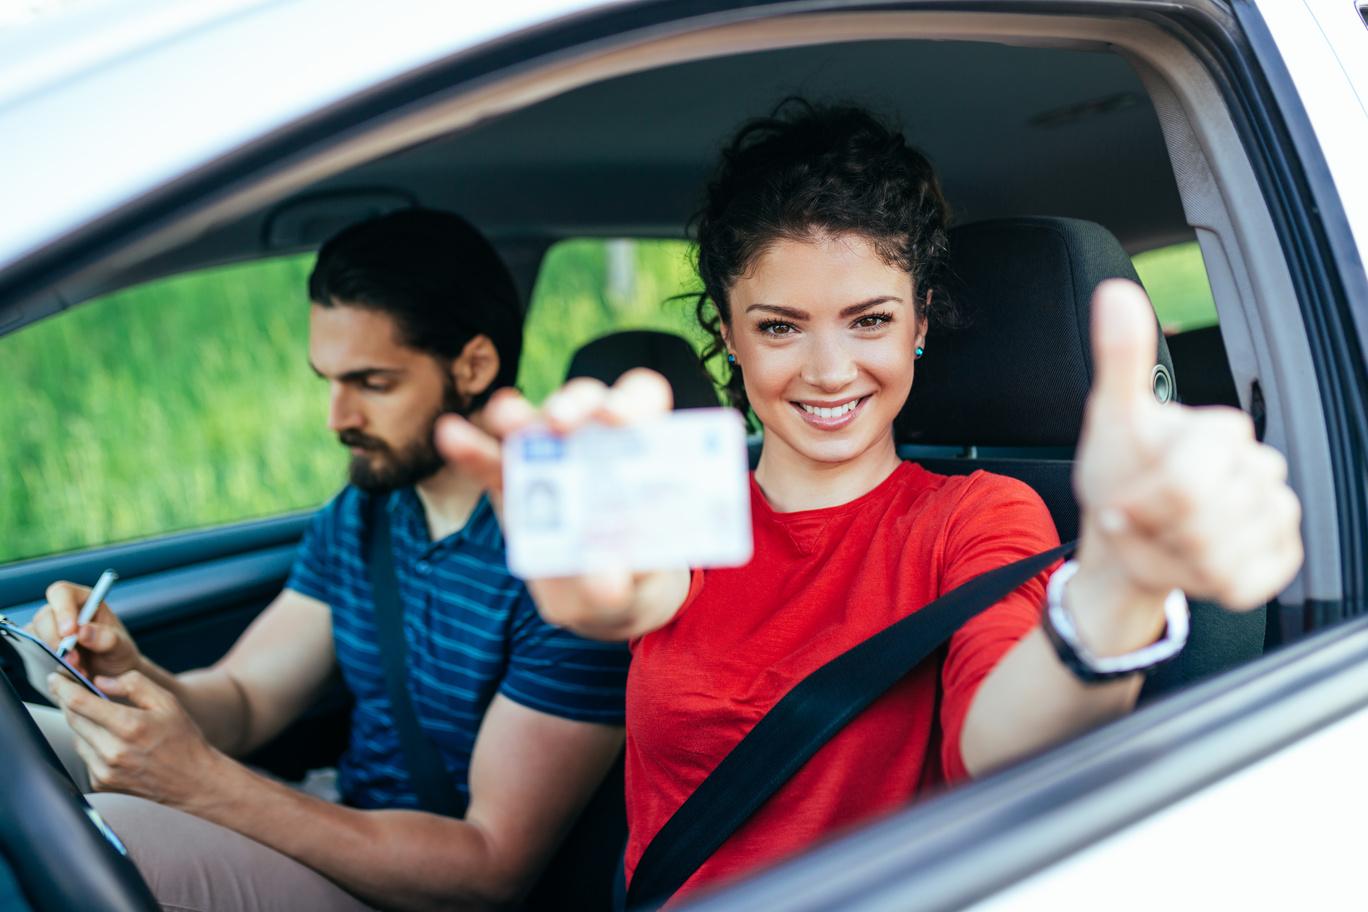 Durée de validité du permis de conduire